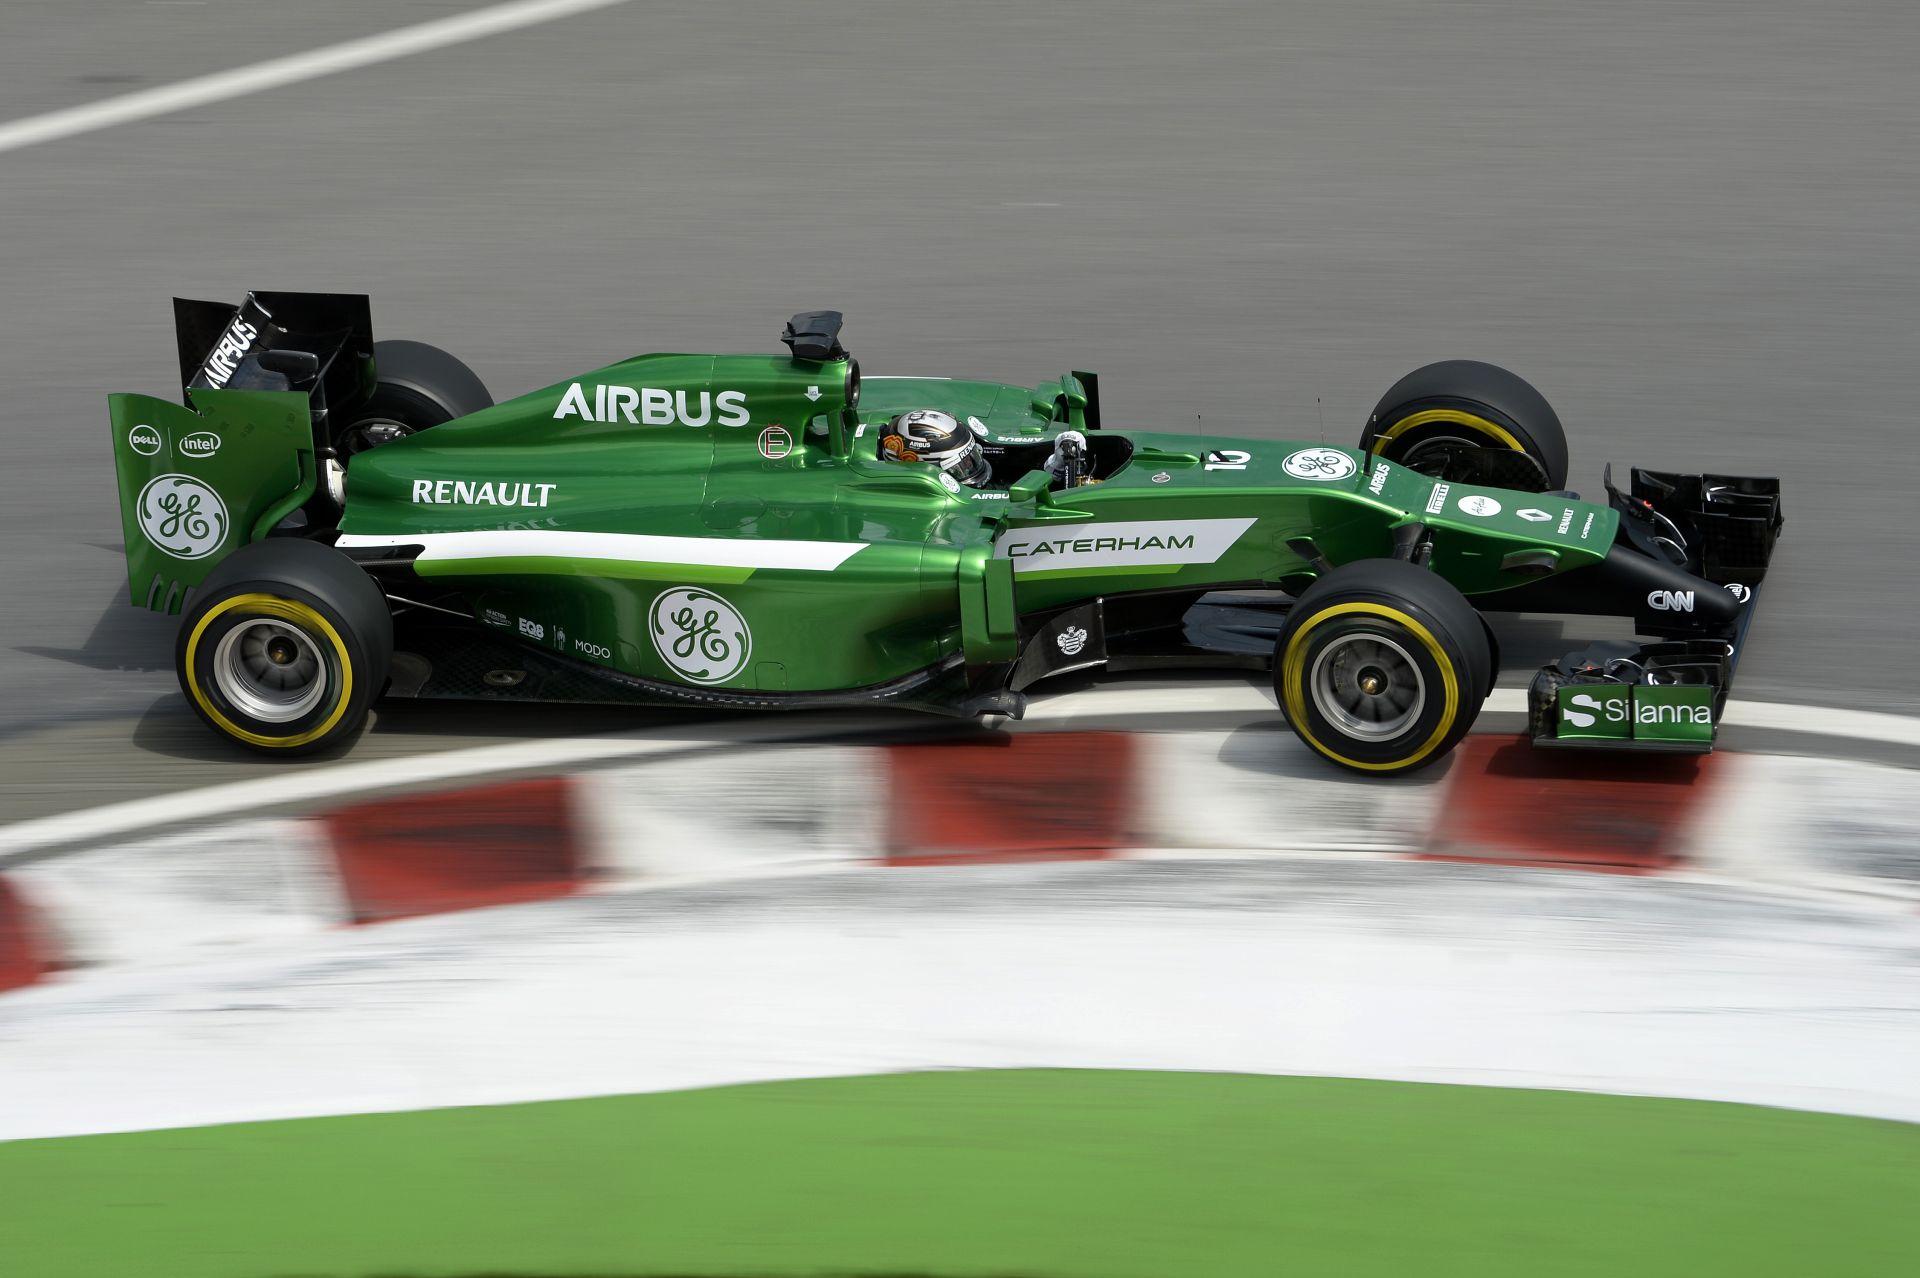 Röviden: A Caterham tagadja, hogy azonnali hatállyal kiszállna az F1-ből